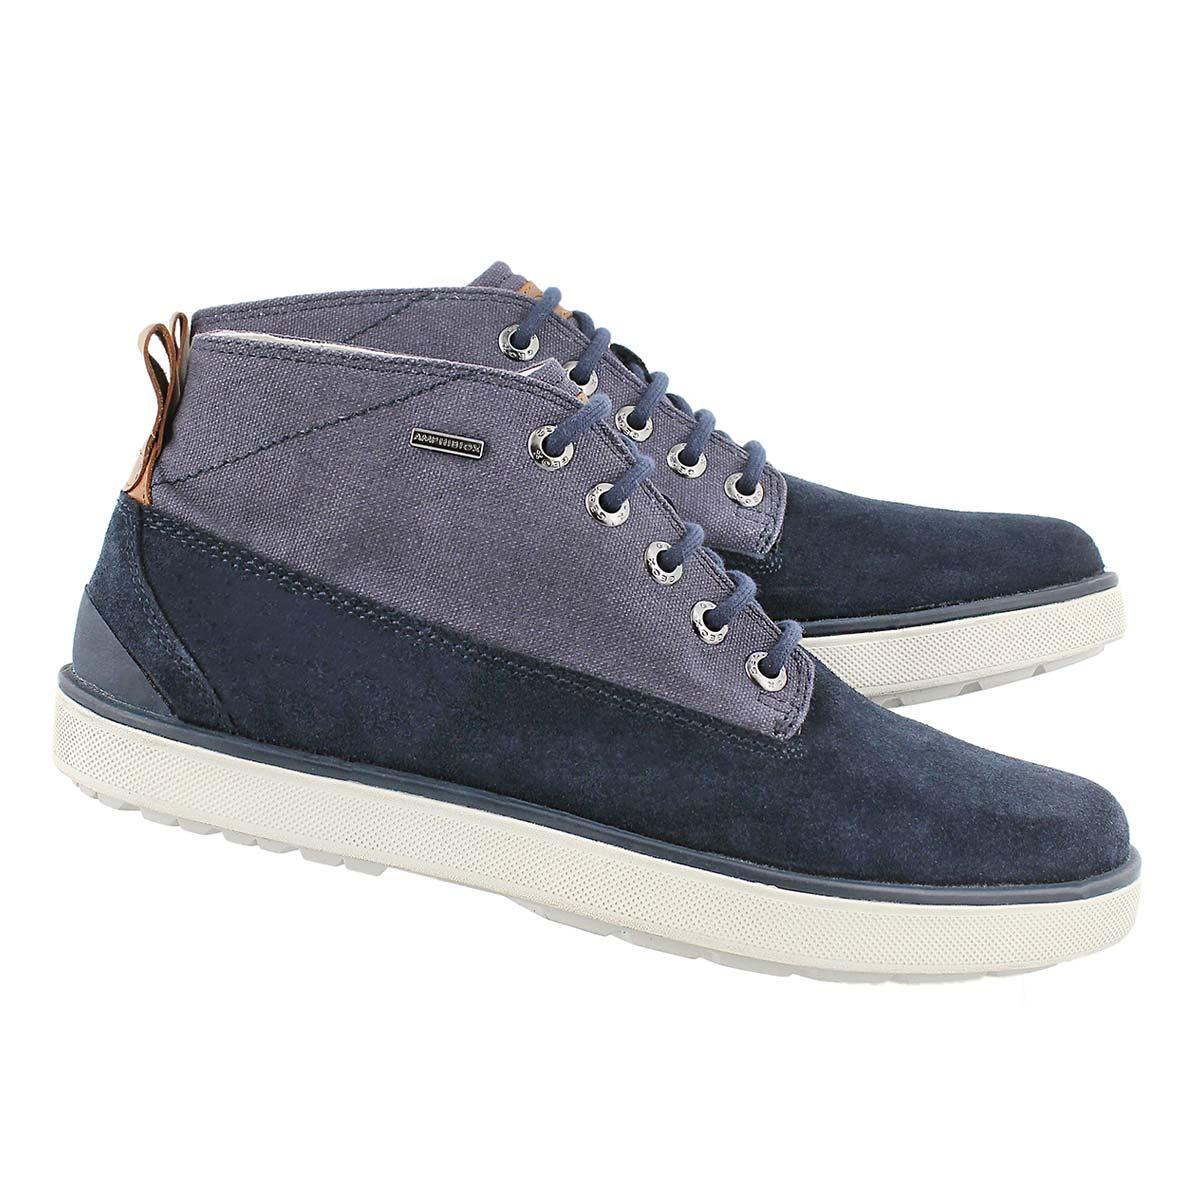 Mns Mattias ABX navy lace up boot